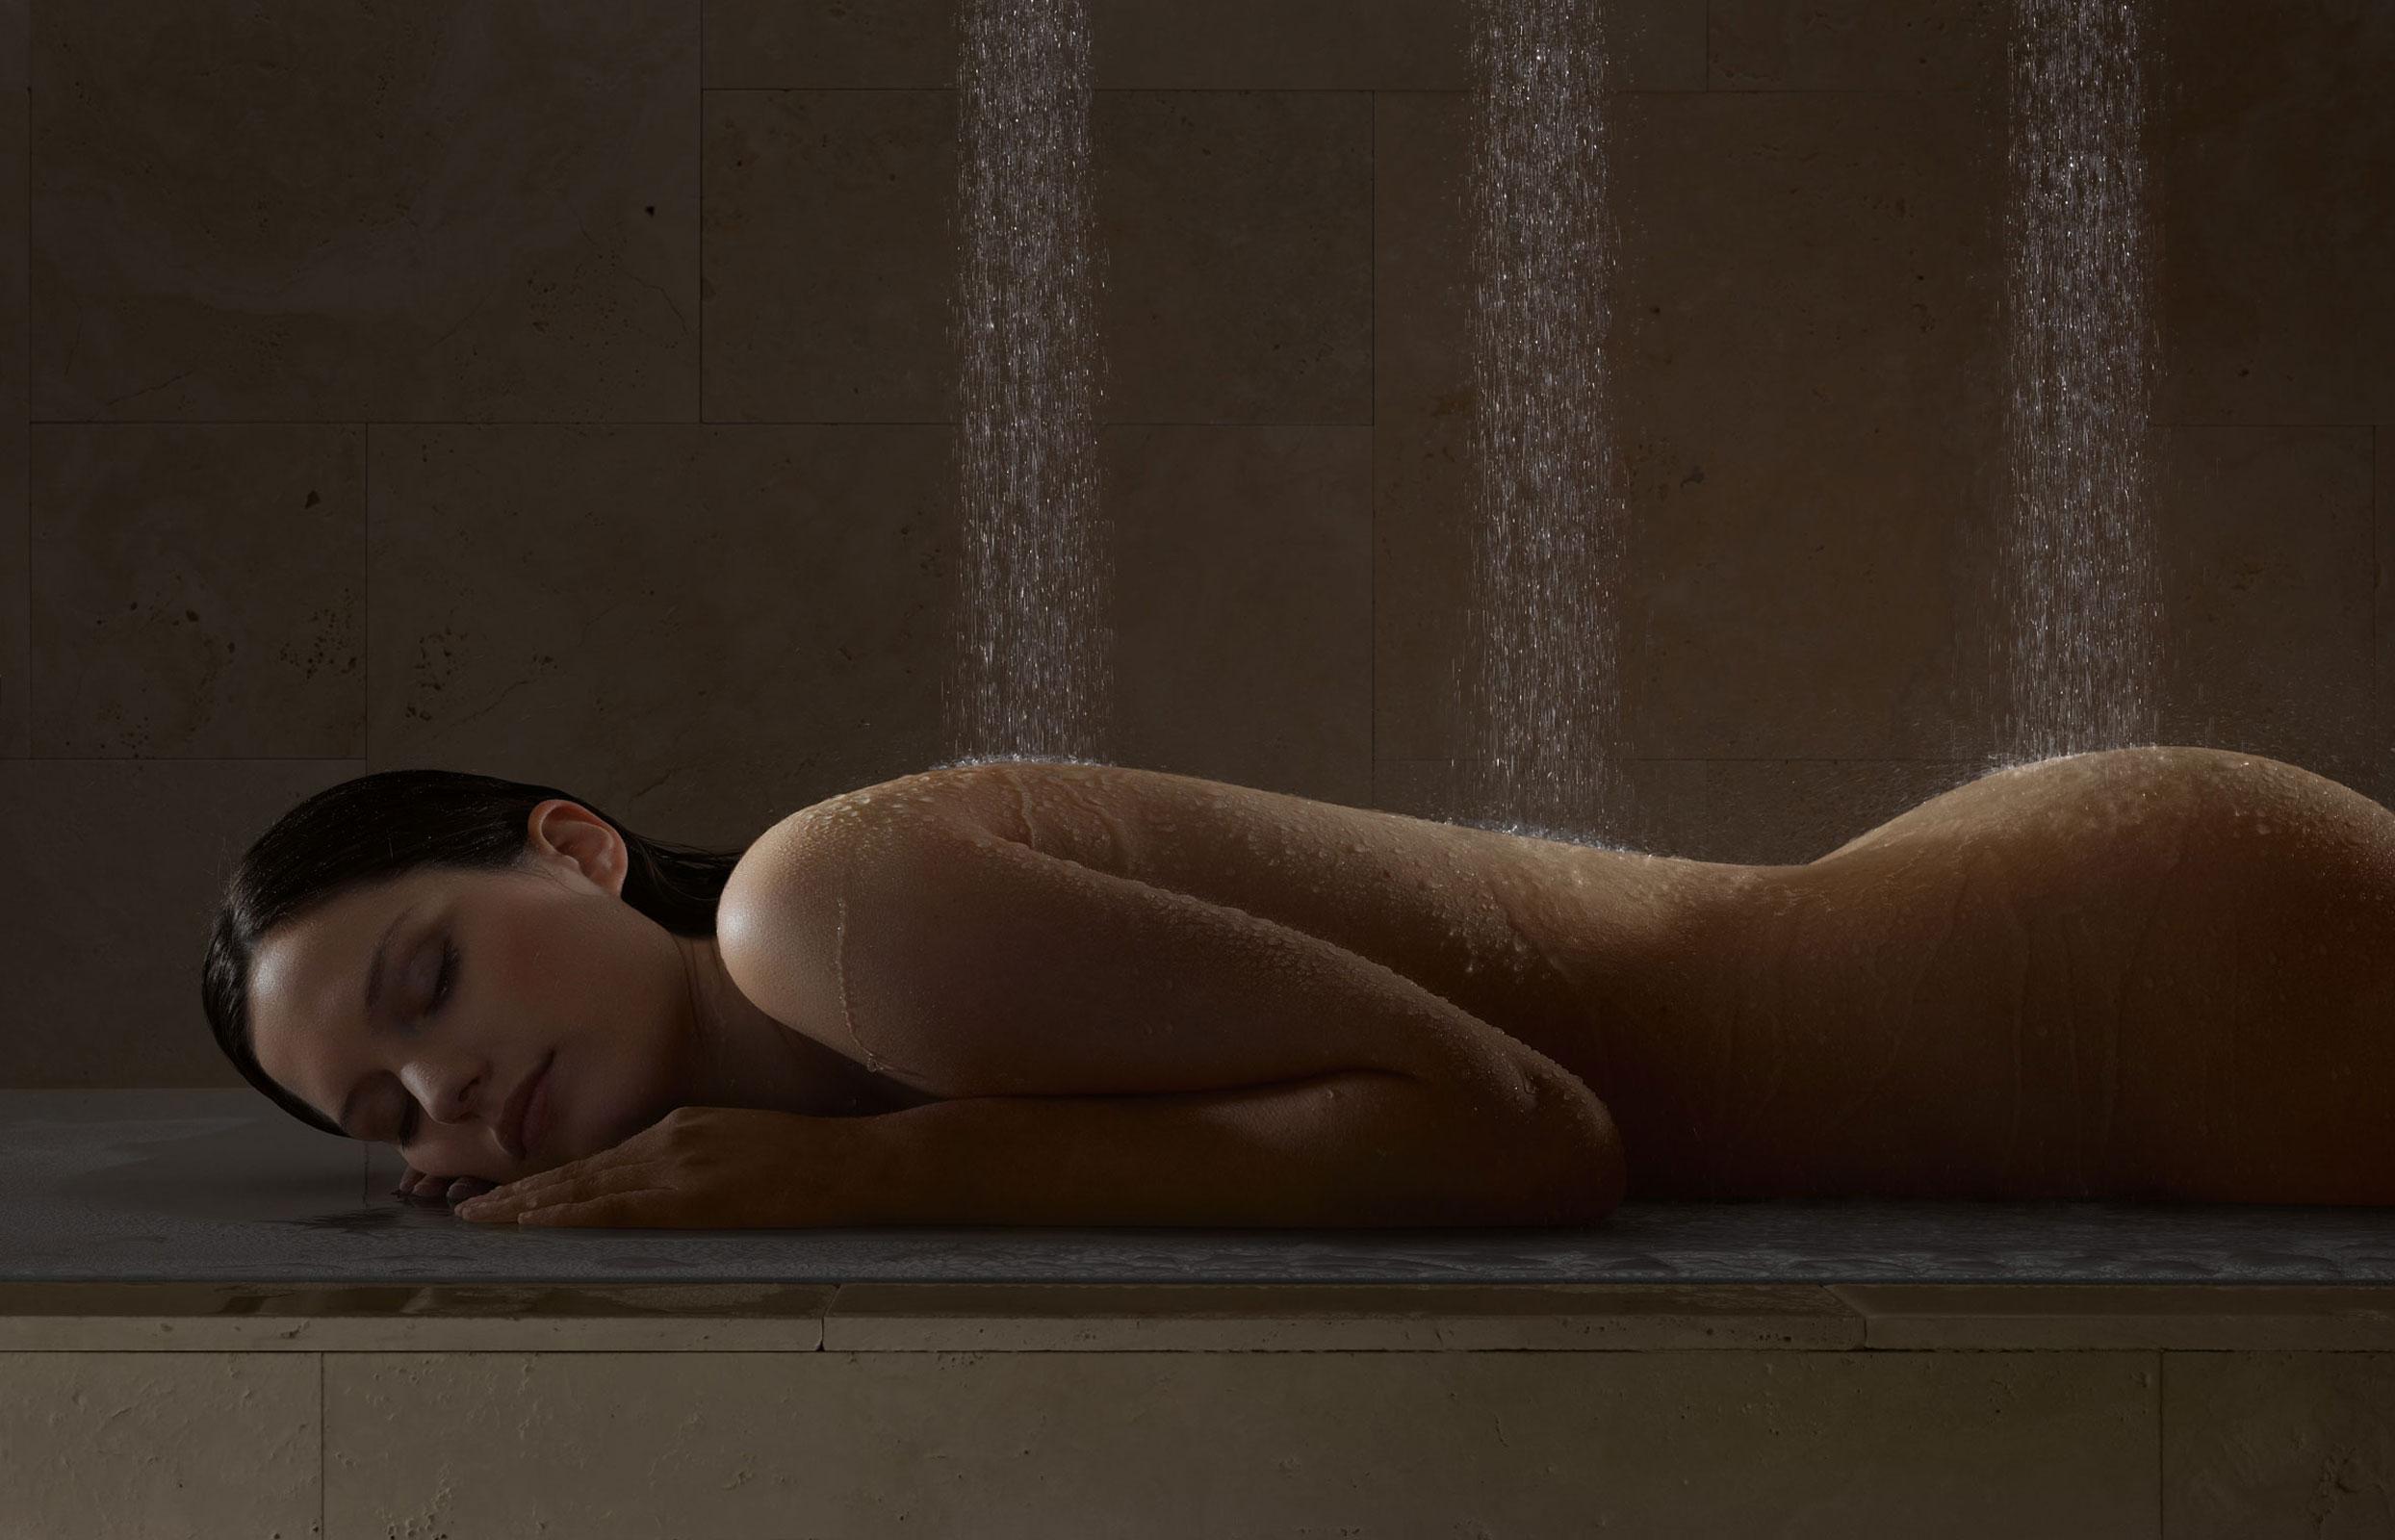 home nude ass women